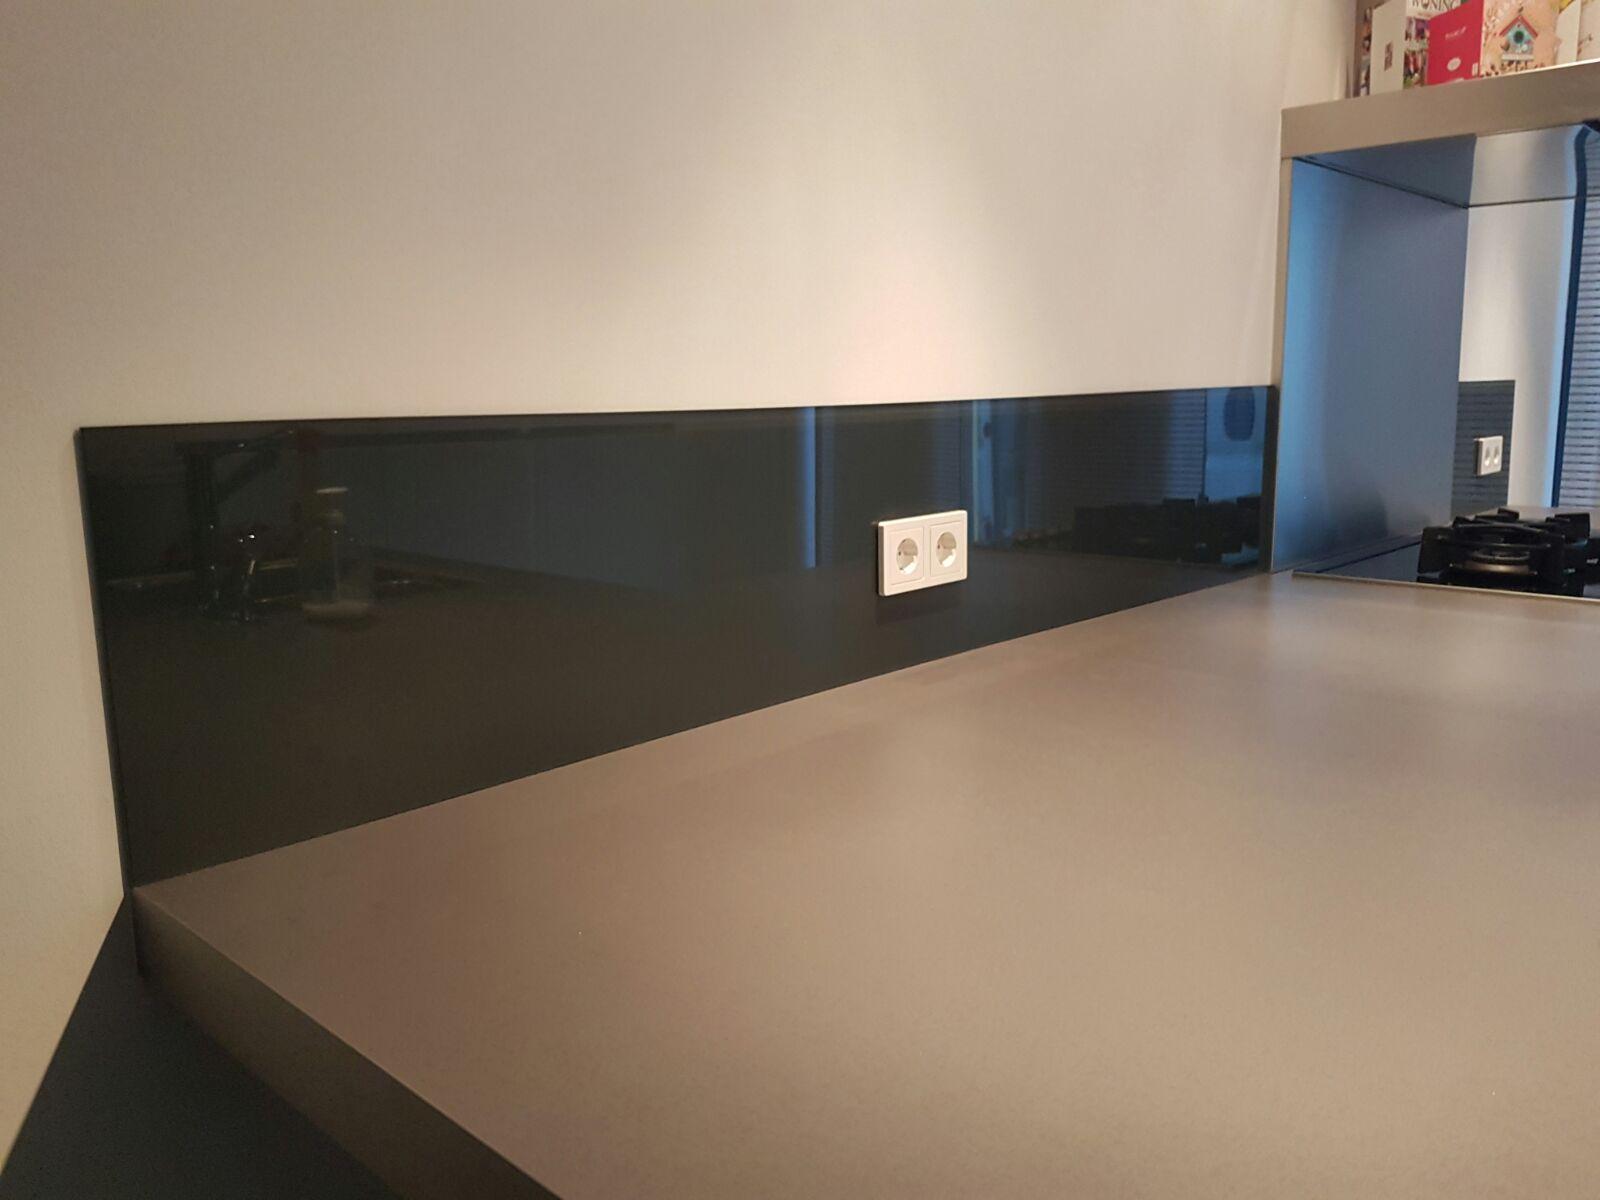 Achterwand Keuken Rvs : lage keukenwand naast rvs spatplaat deze lage keukenwand in ral 7016